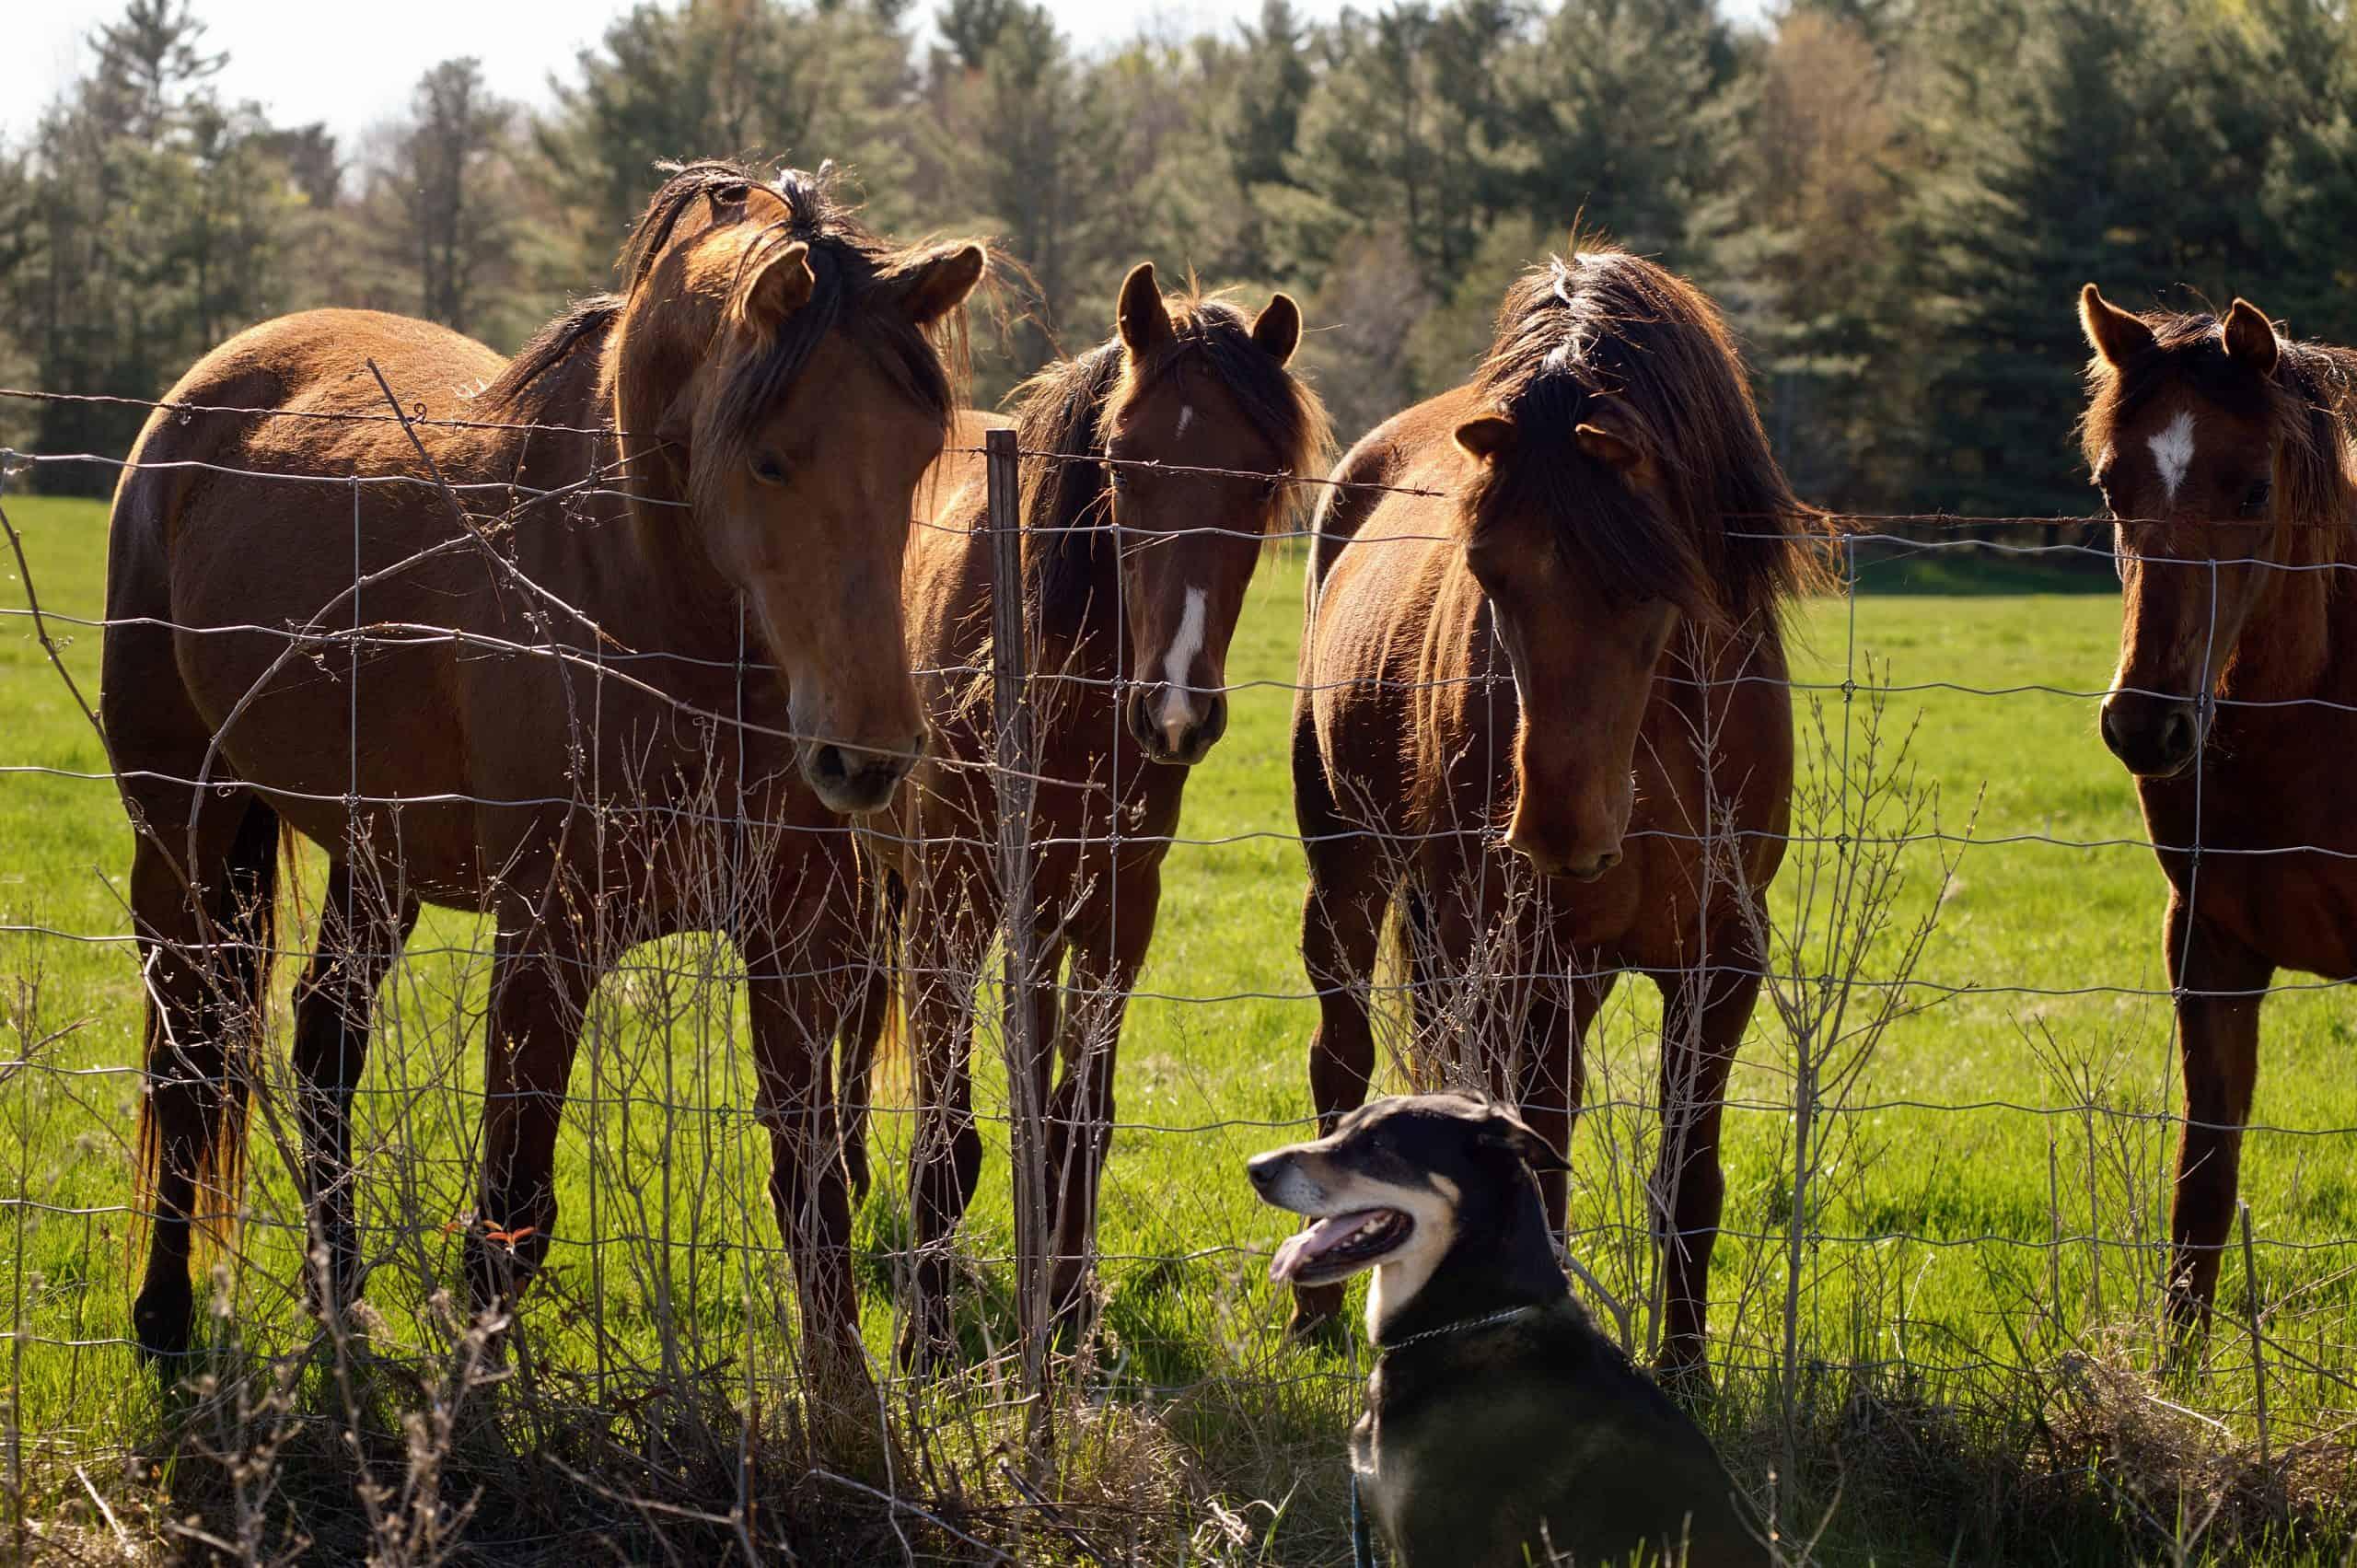 4 horses looking at a dog.